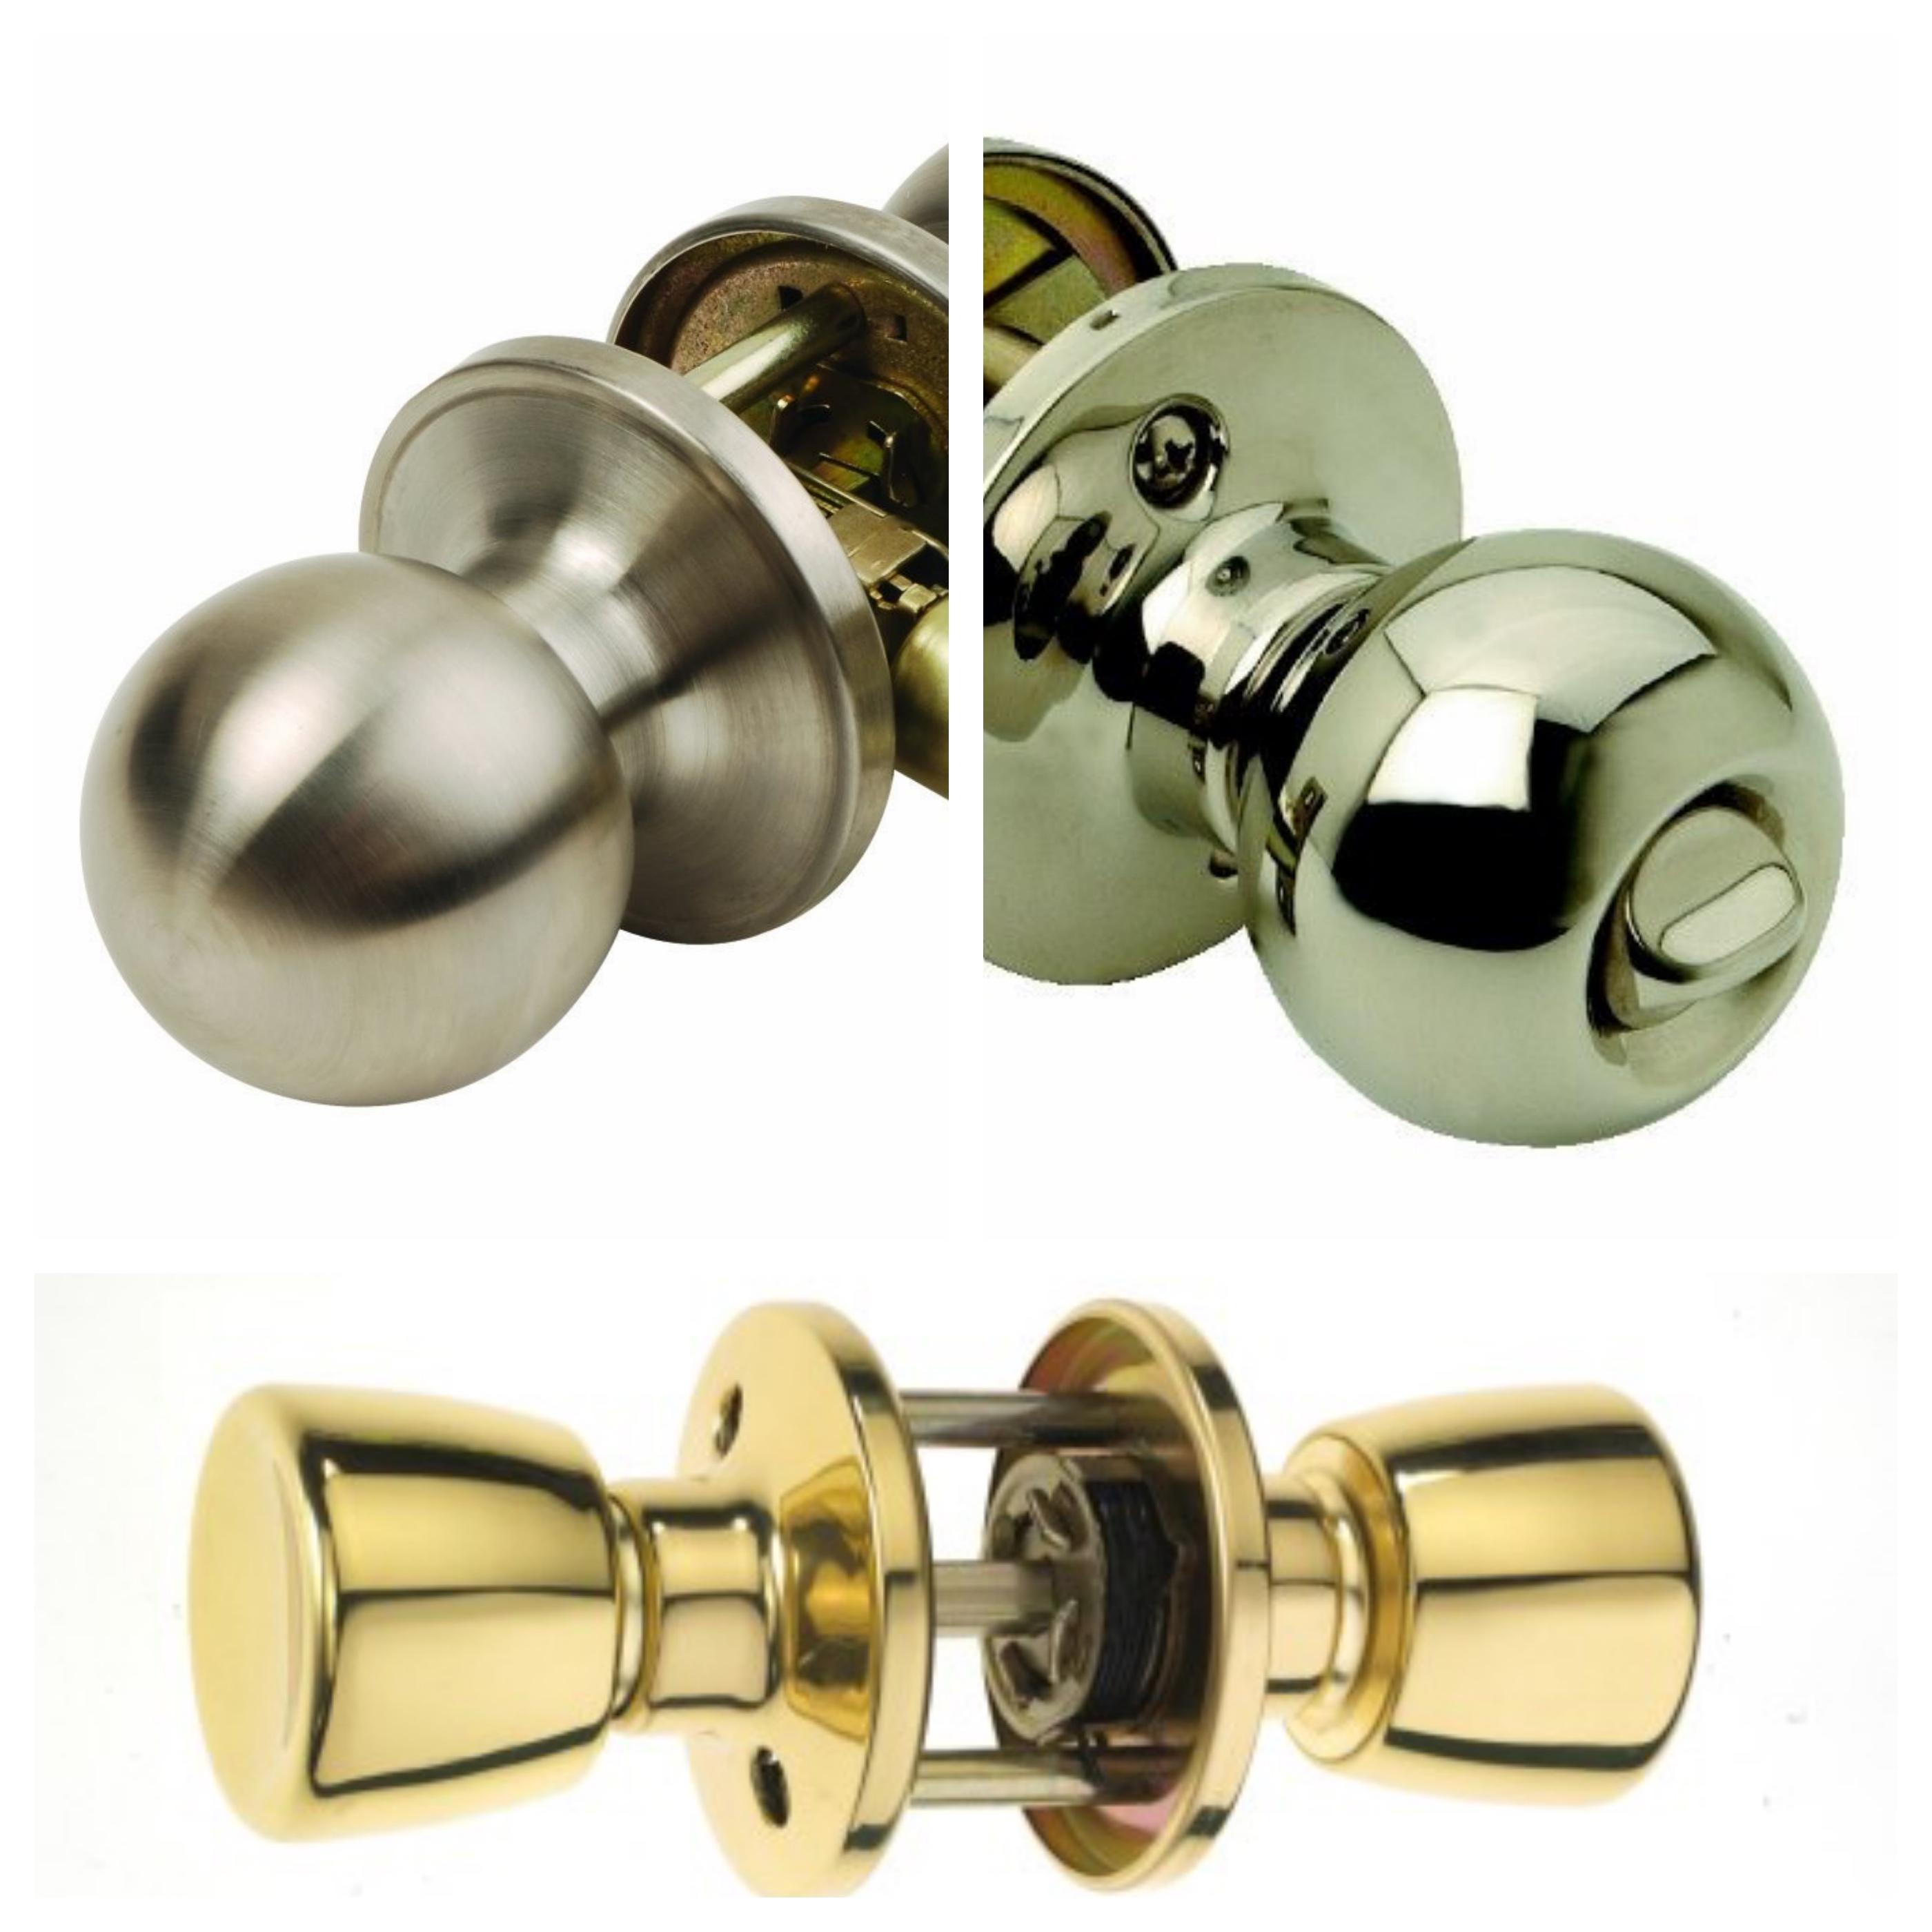 replacement door knobs for old doors photo - 11